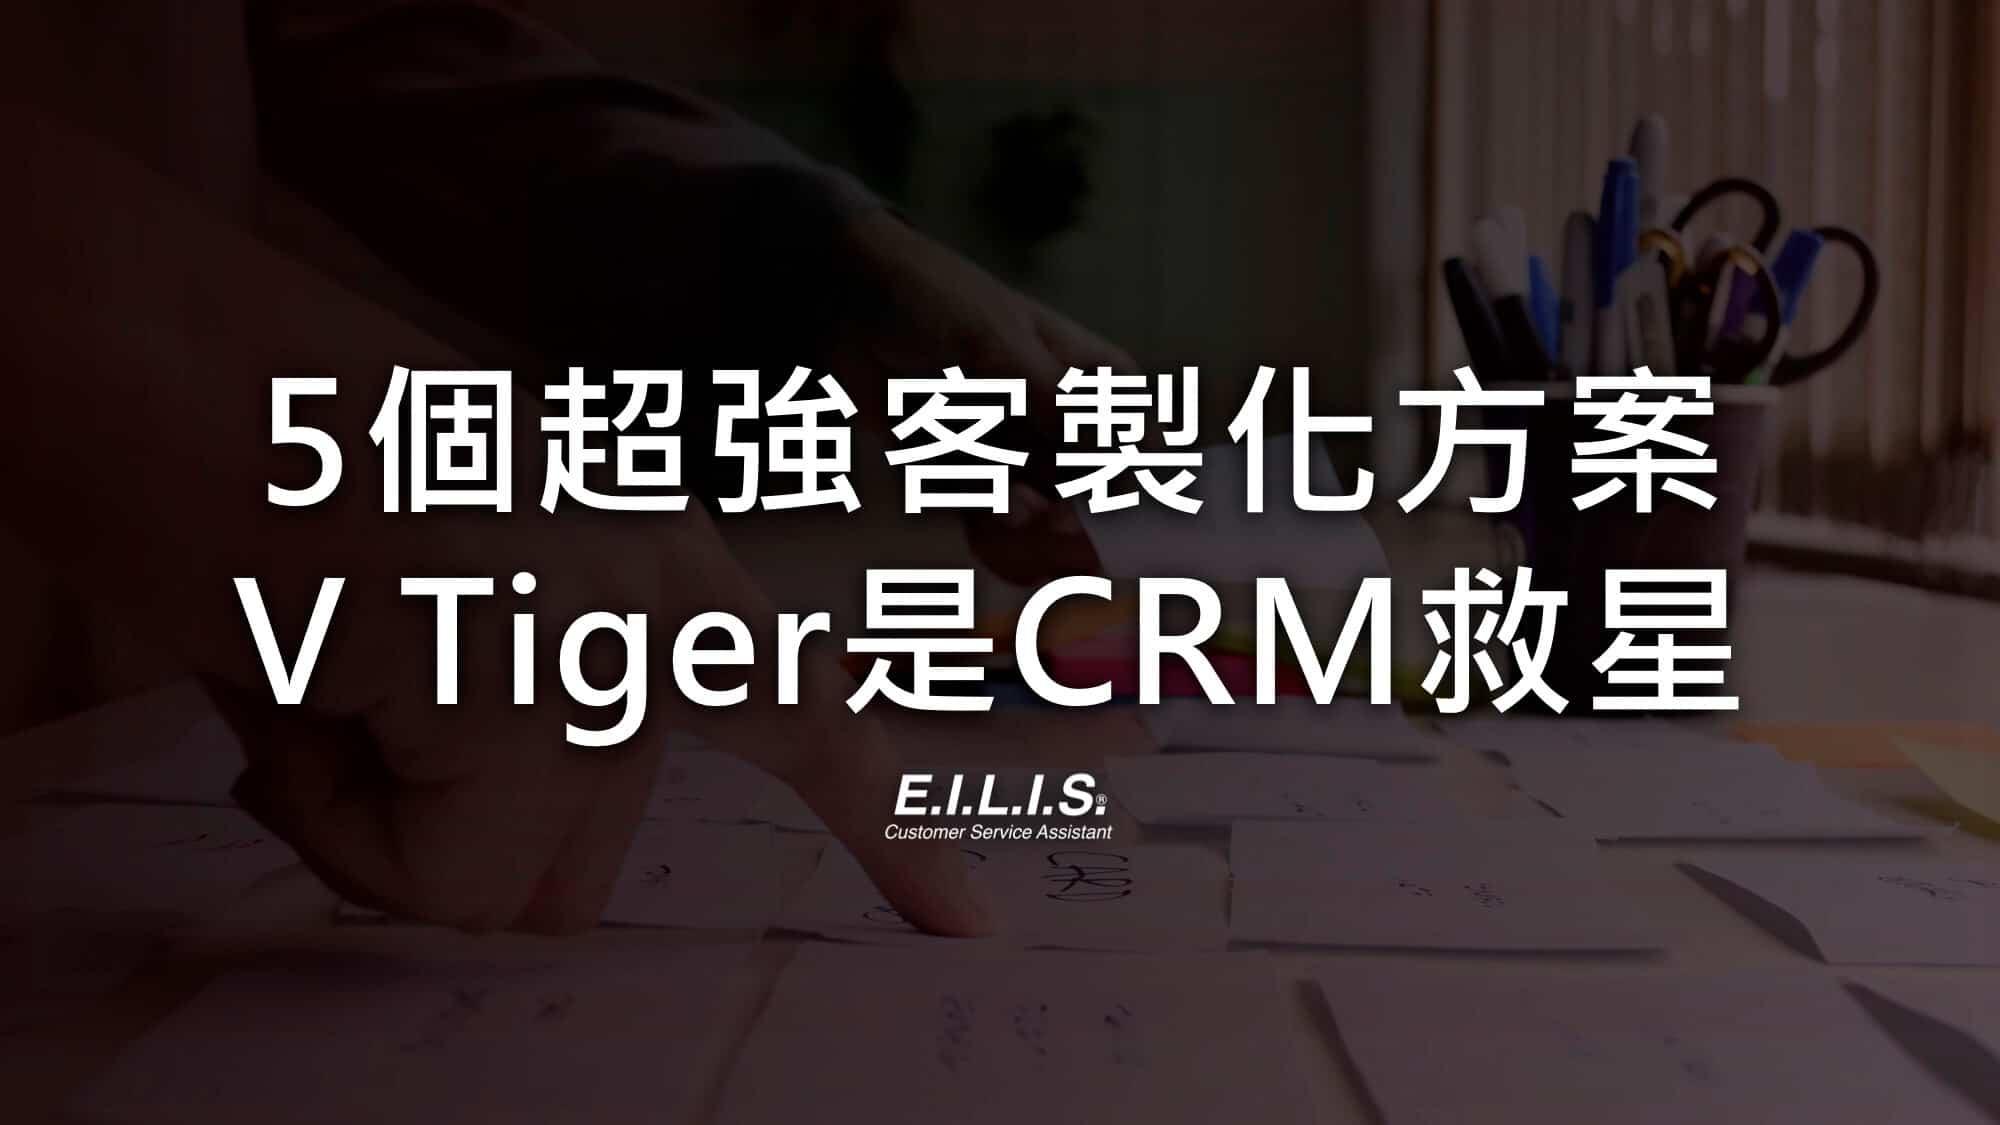 v tiger crm |各行各業都適用!v tiger crm 對5大行業方案、好處介紹